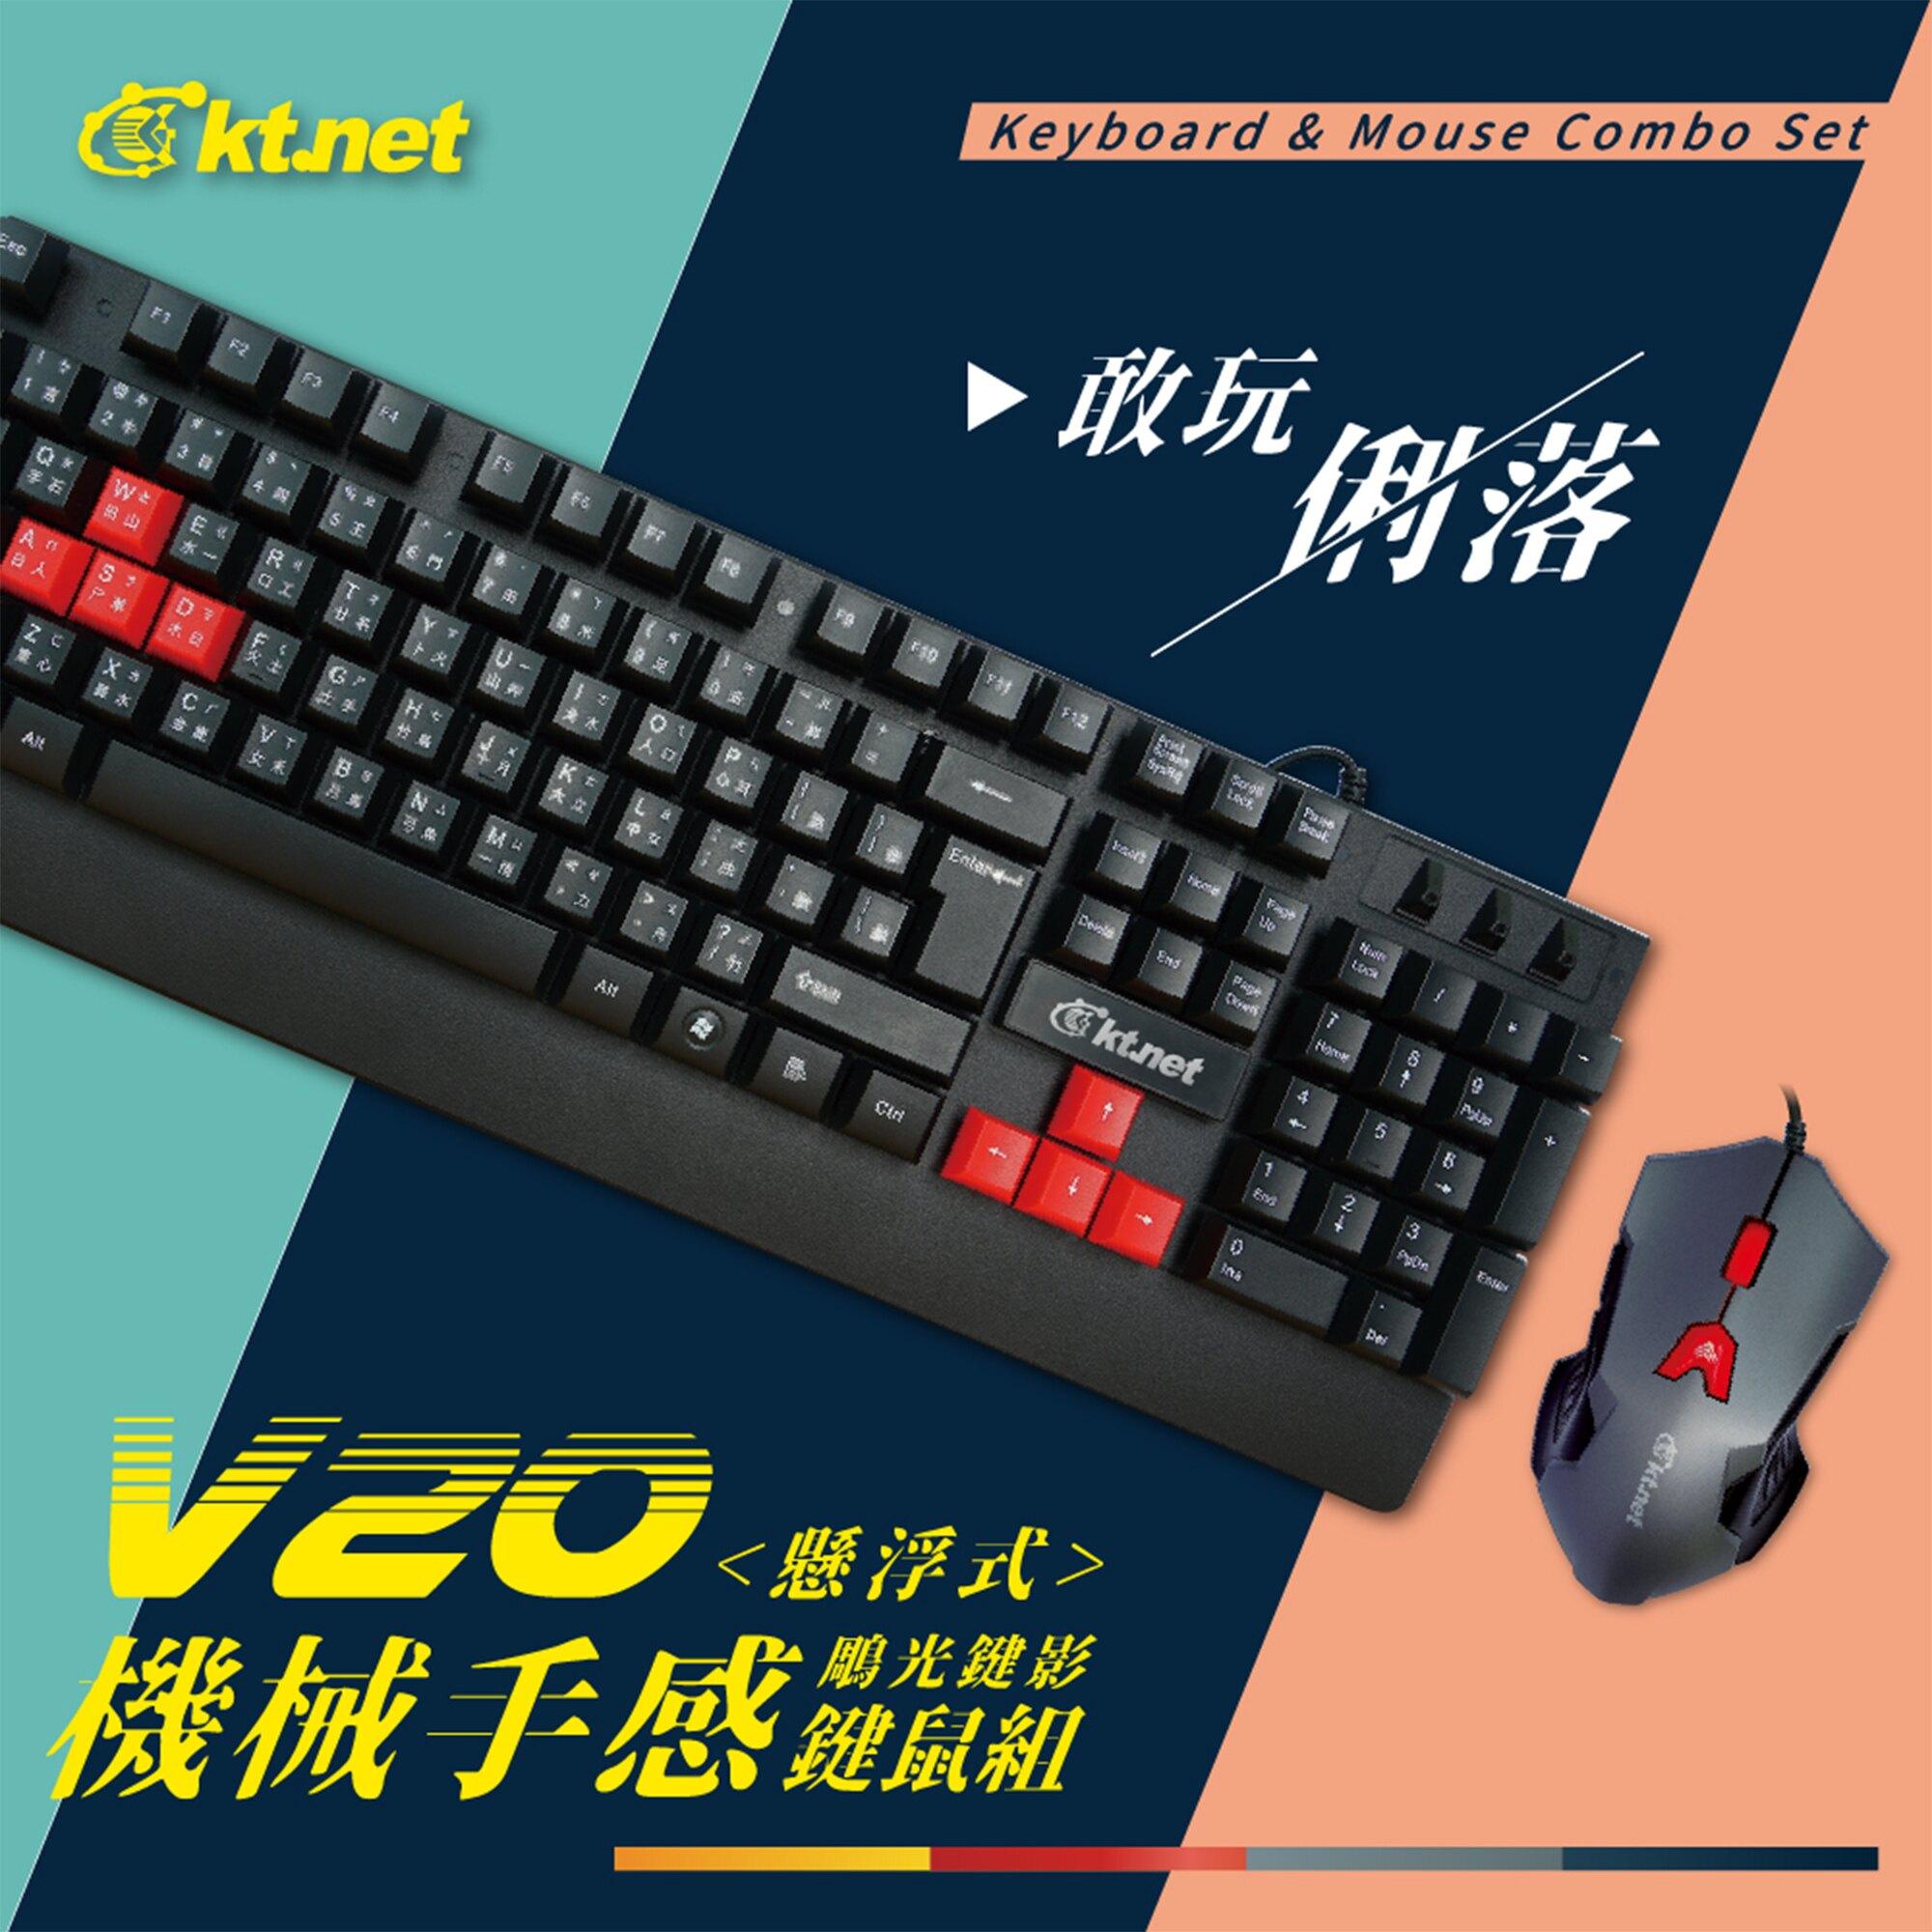 ※ 欣洋電子 ※ 機械手感鍵鼠組 (V20) USB/鍵盤/滑鼠/1年保固/懸浮式